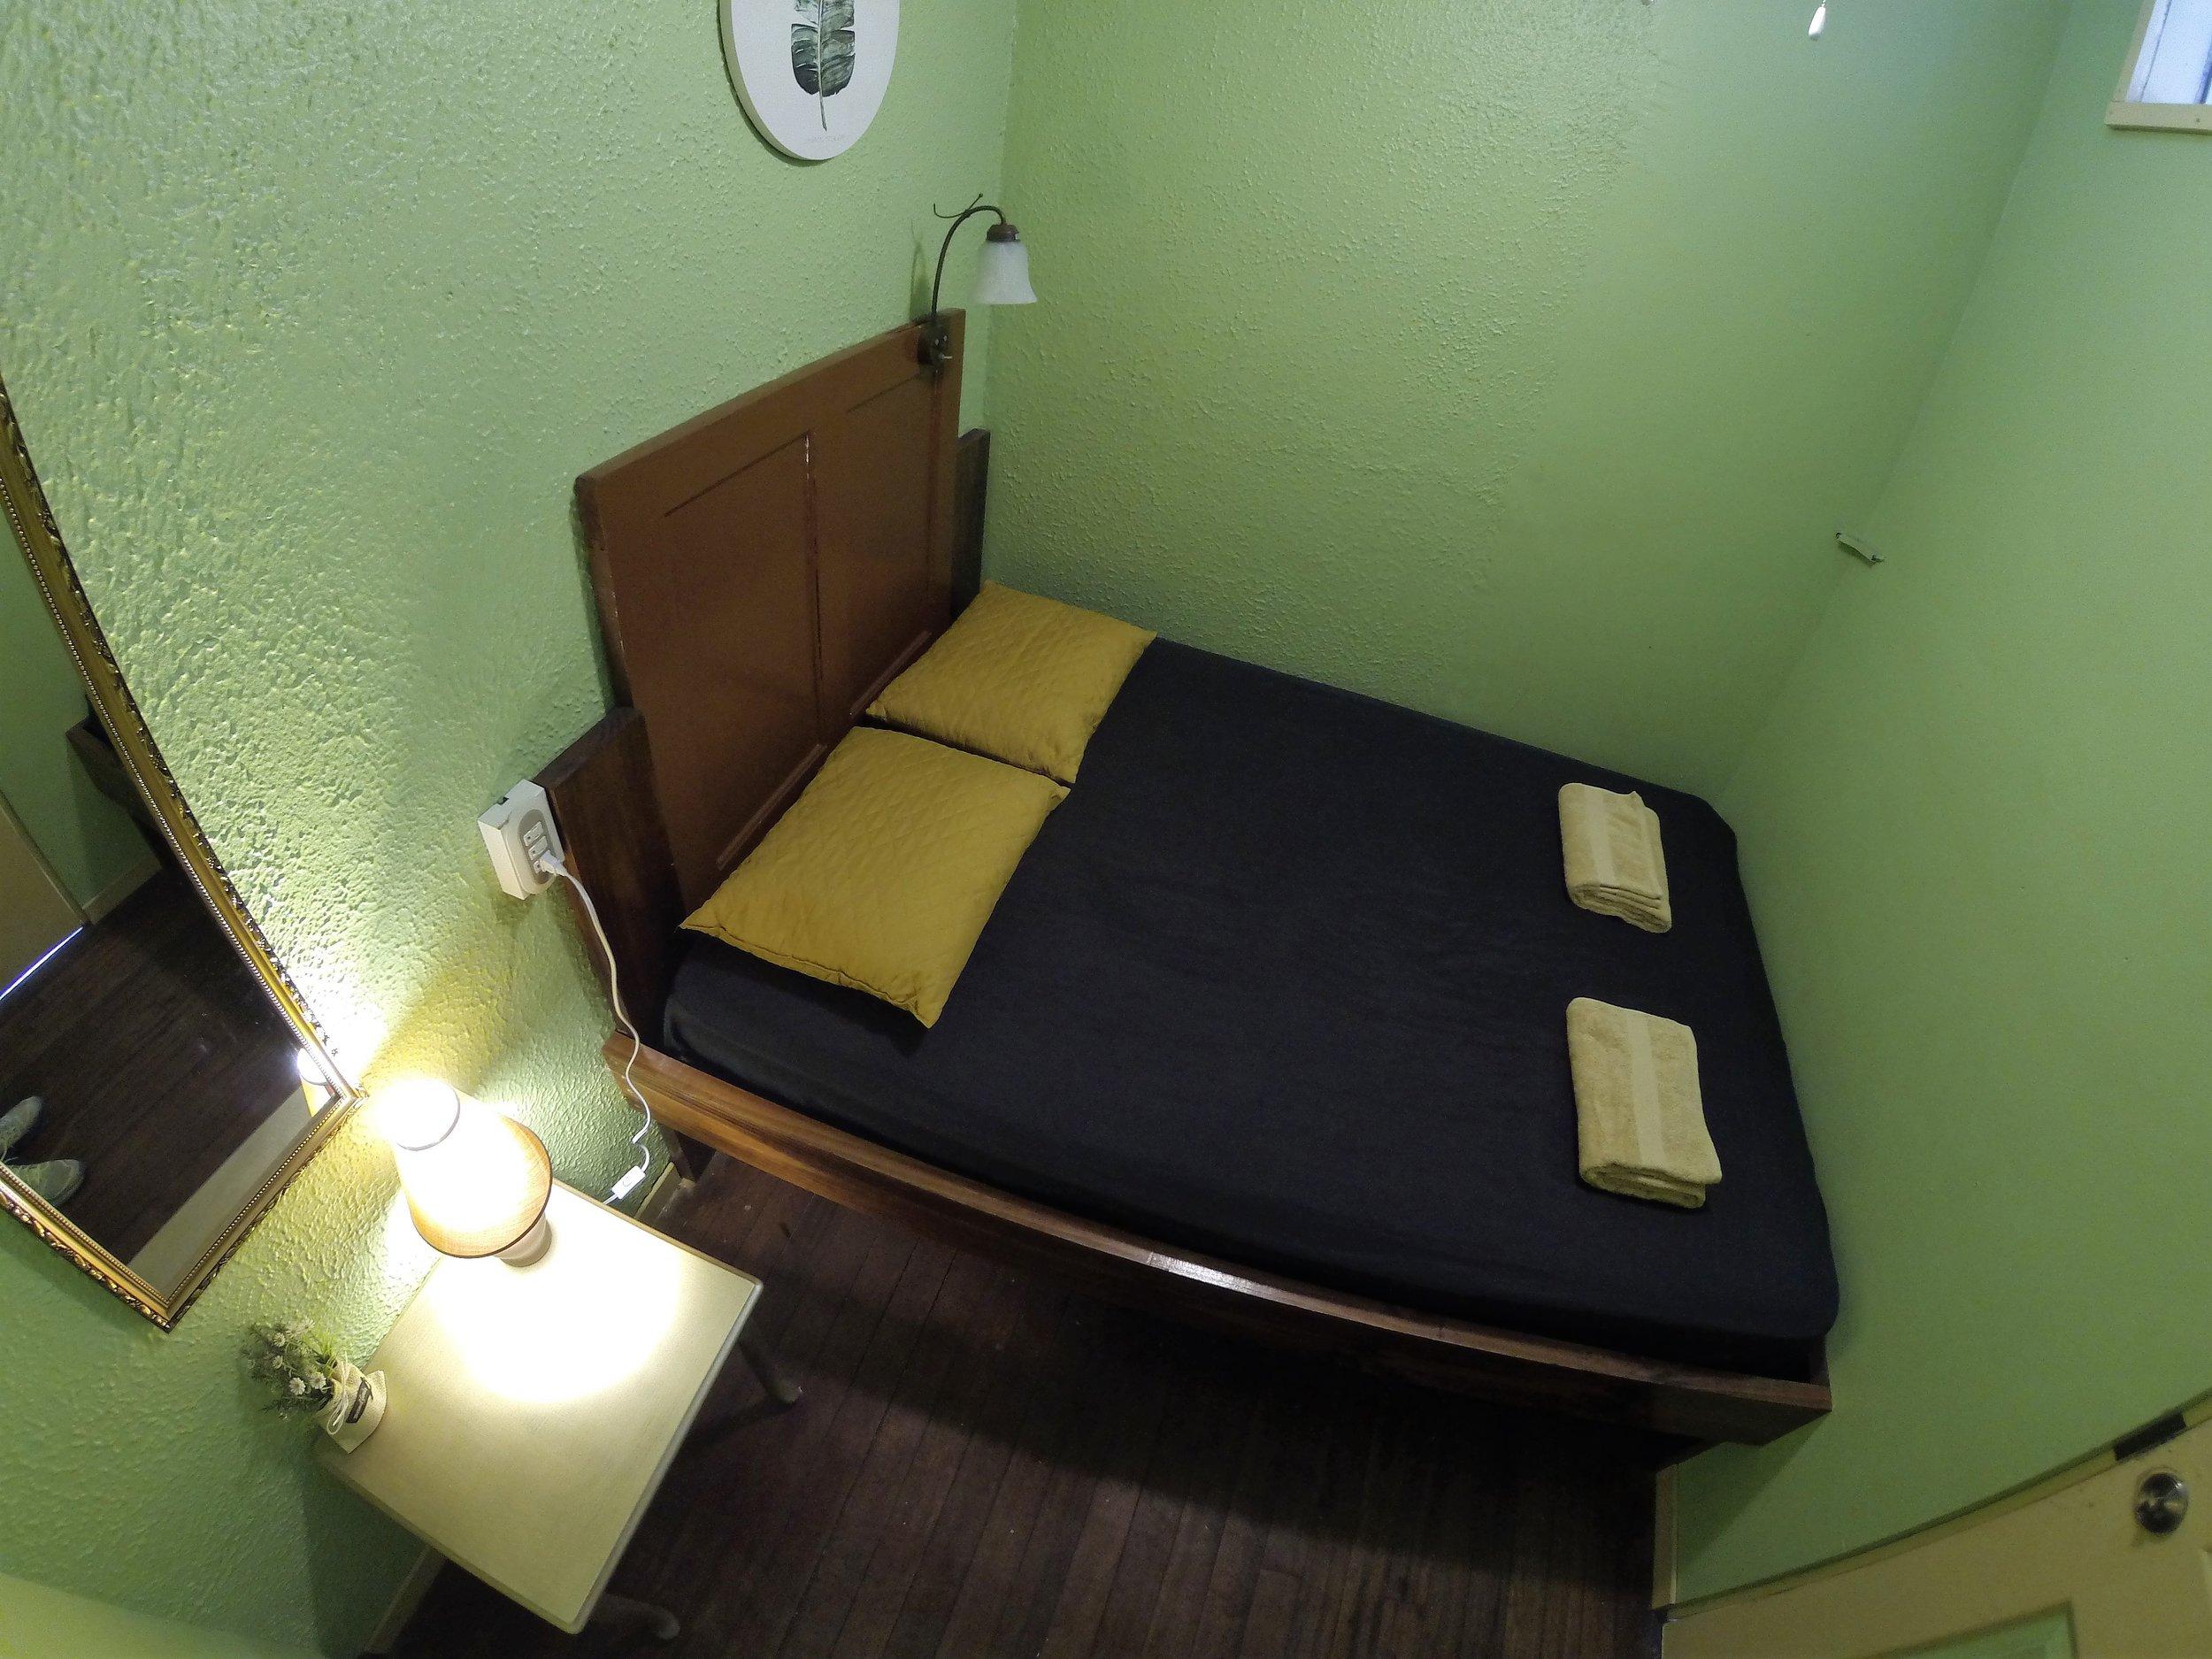 FULL ROOM